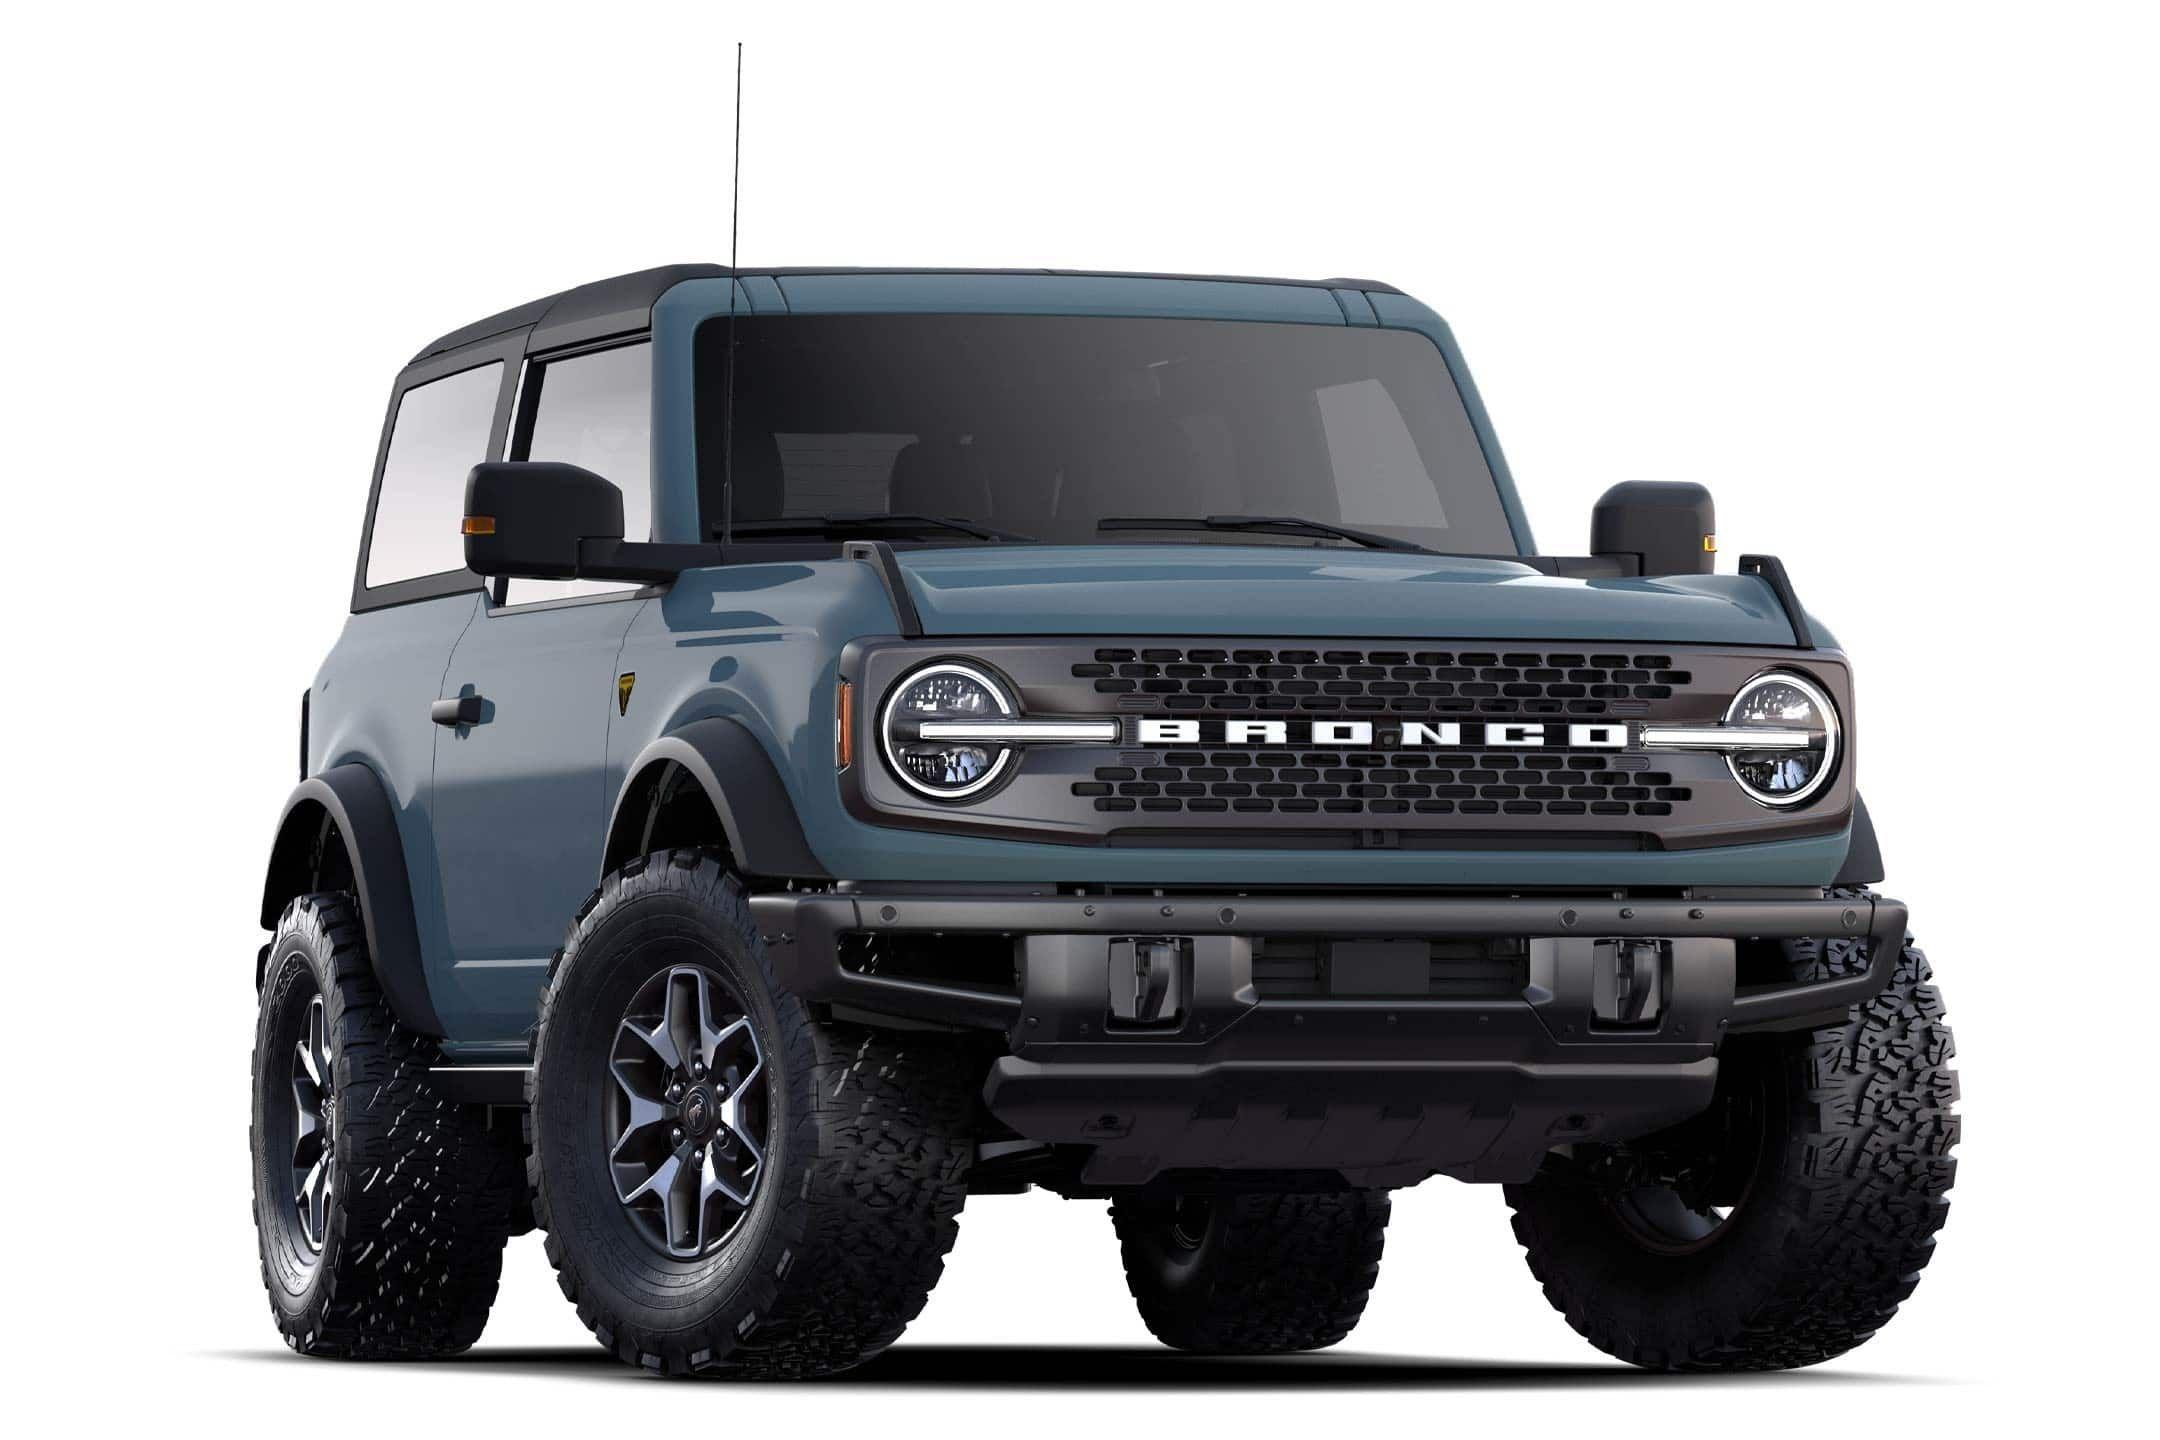 2021 Ford Bronco Badlands Suv Model Details Specs In 2020